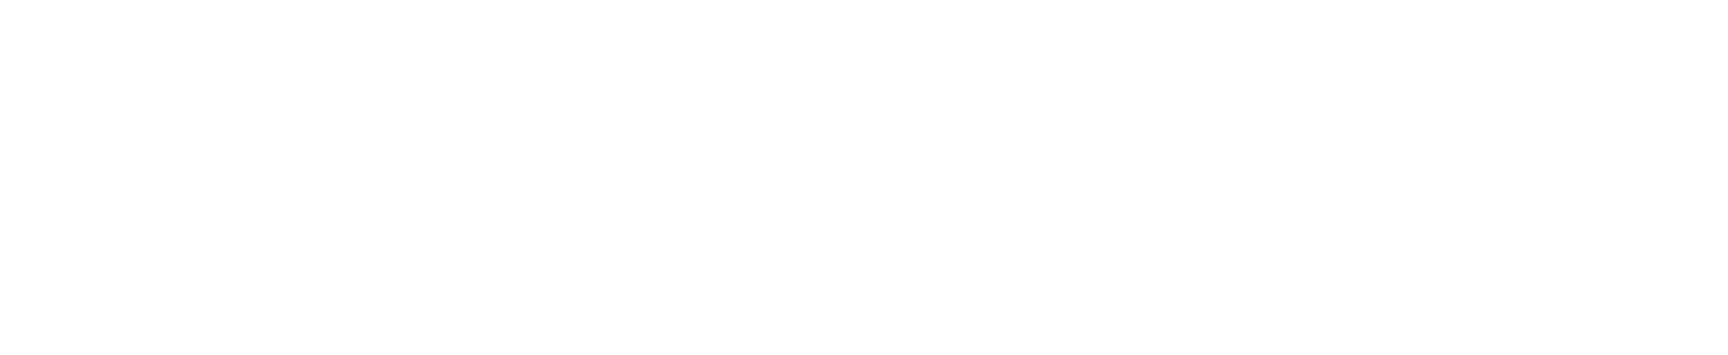 nke-logo-1zeilig-1c-hks17n-070416